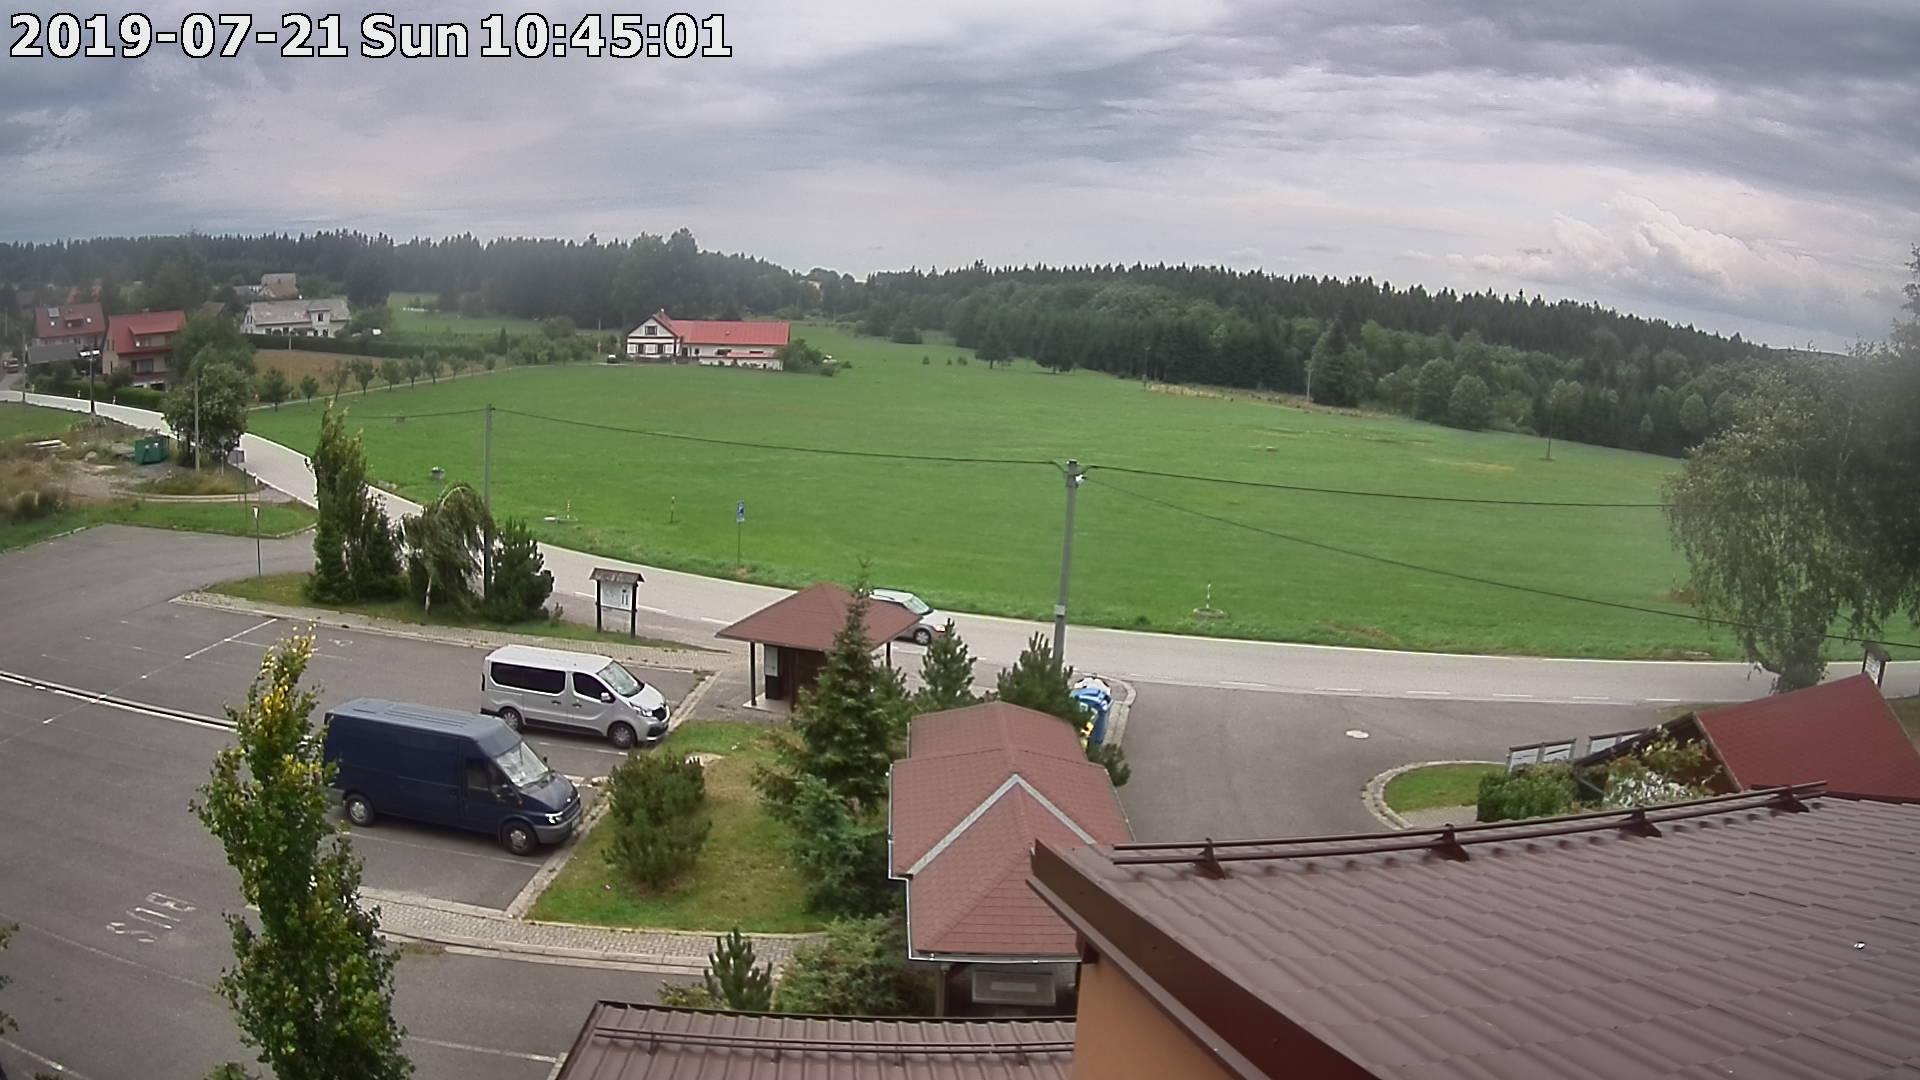 Webkamera ze dne 2019-07-21